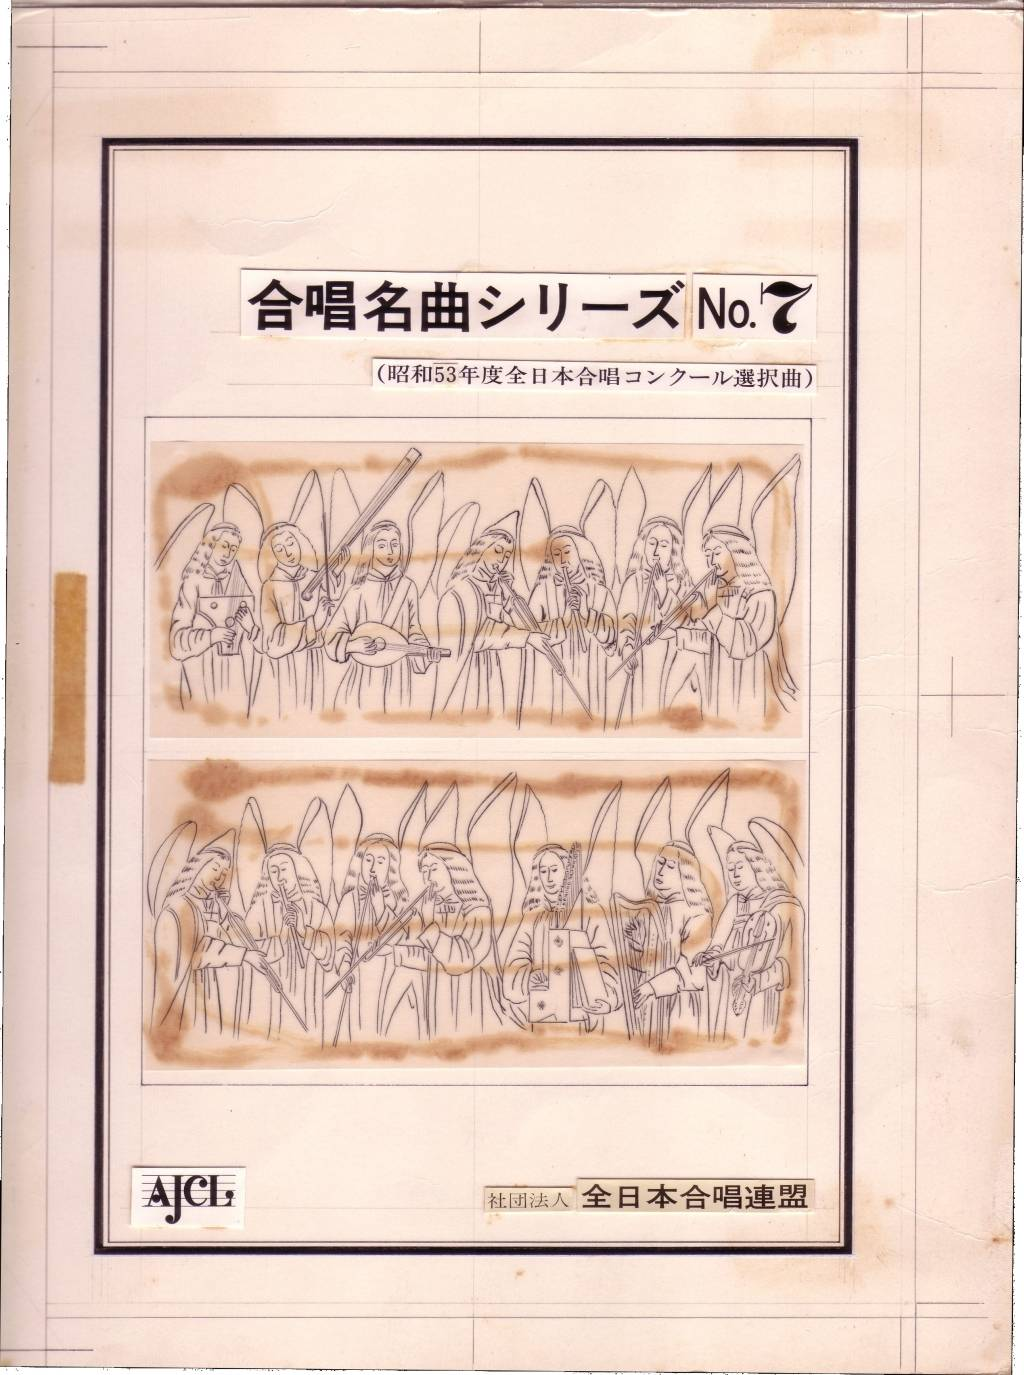 版下_合唱名曲シリーズNo.7.JPG